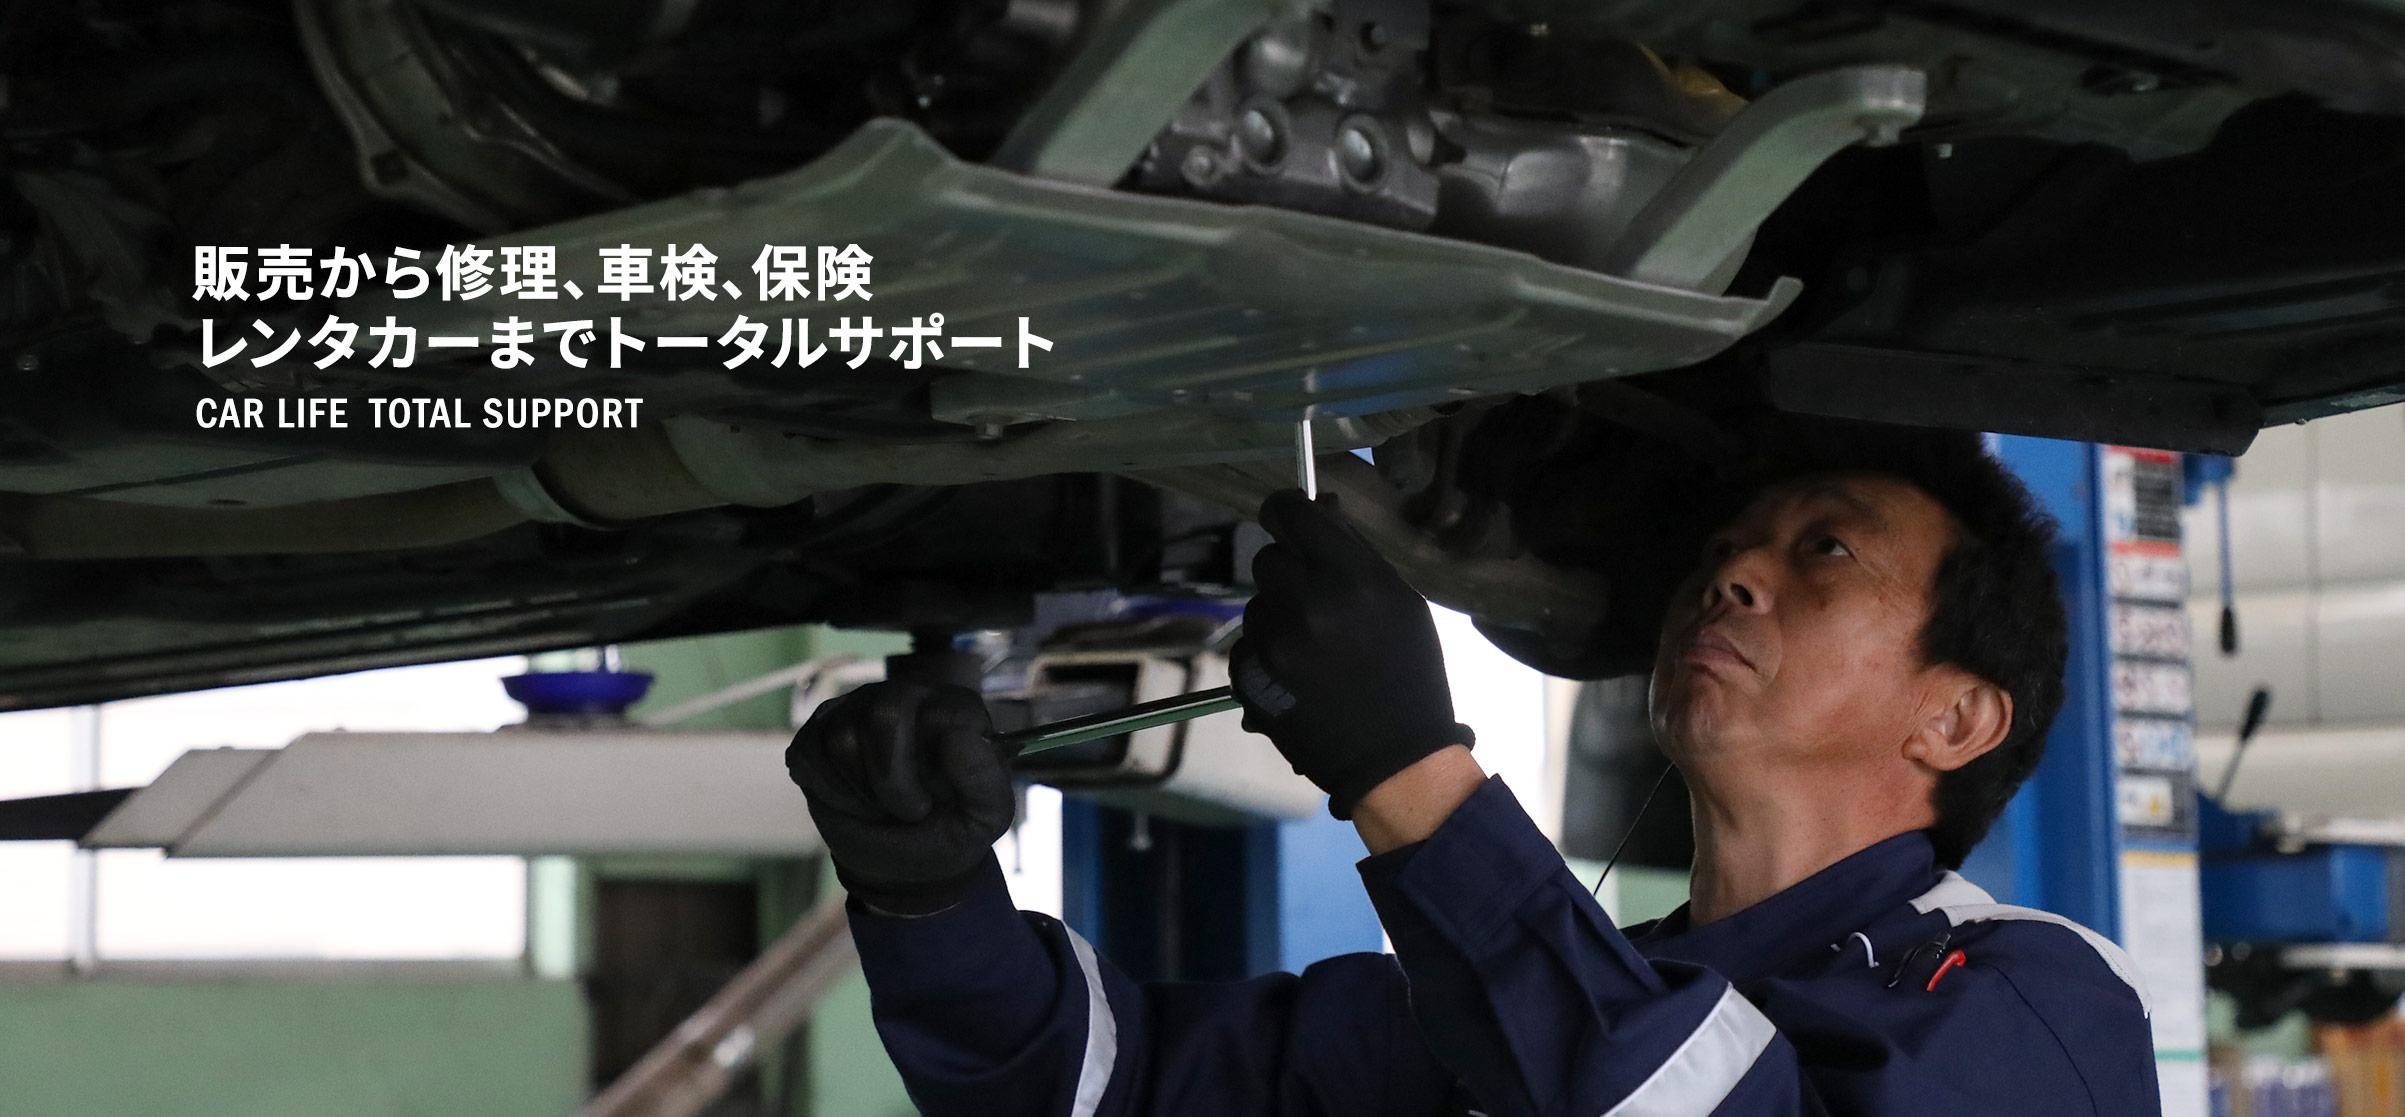 樋川自動車 事故修理から凹み塗装(キズ)・磨き・全塗装・エアロキットの加工・塗装・取付